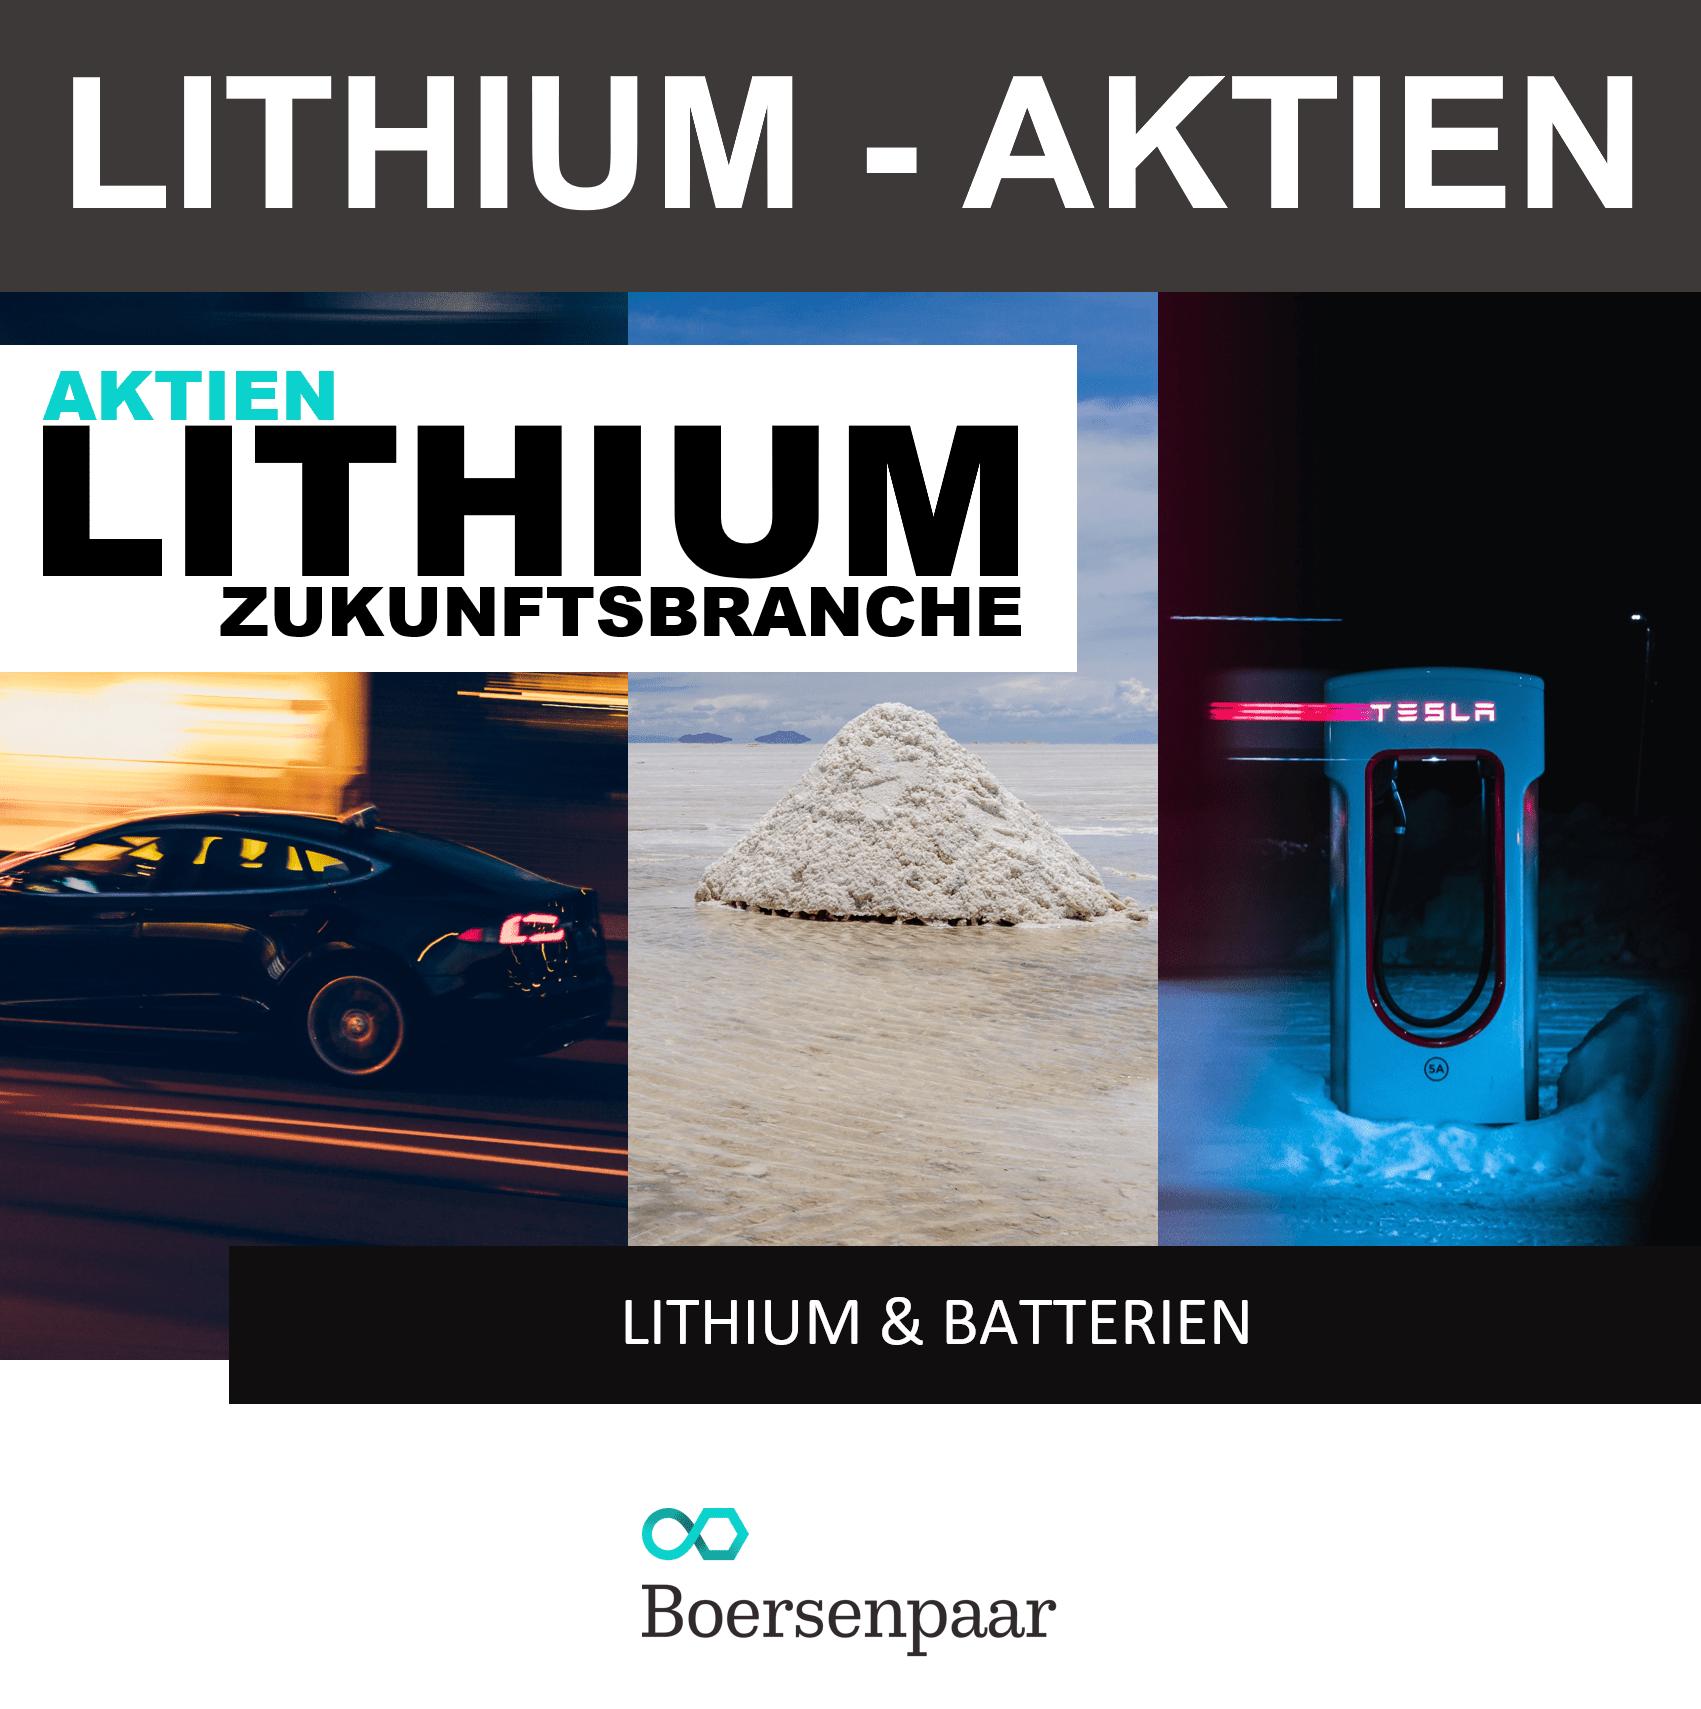 Lithium Aktien